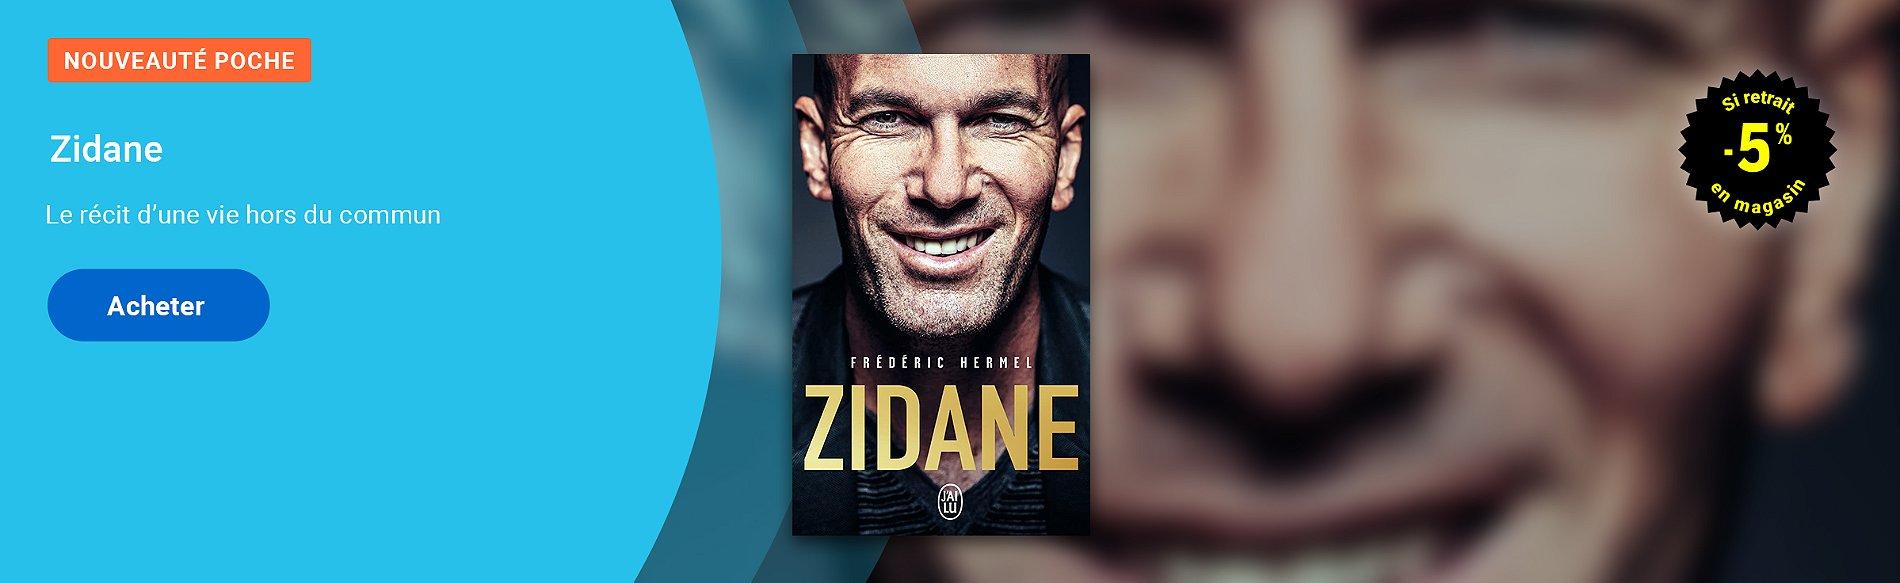 Zidane - La biographie officielle enfin en poche